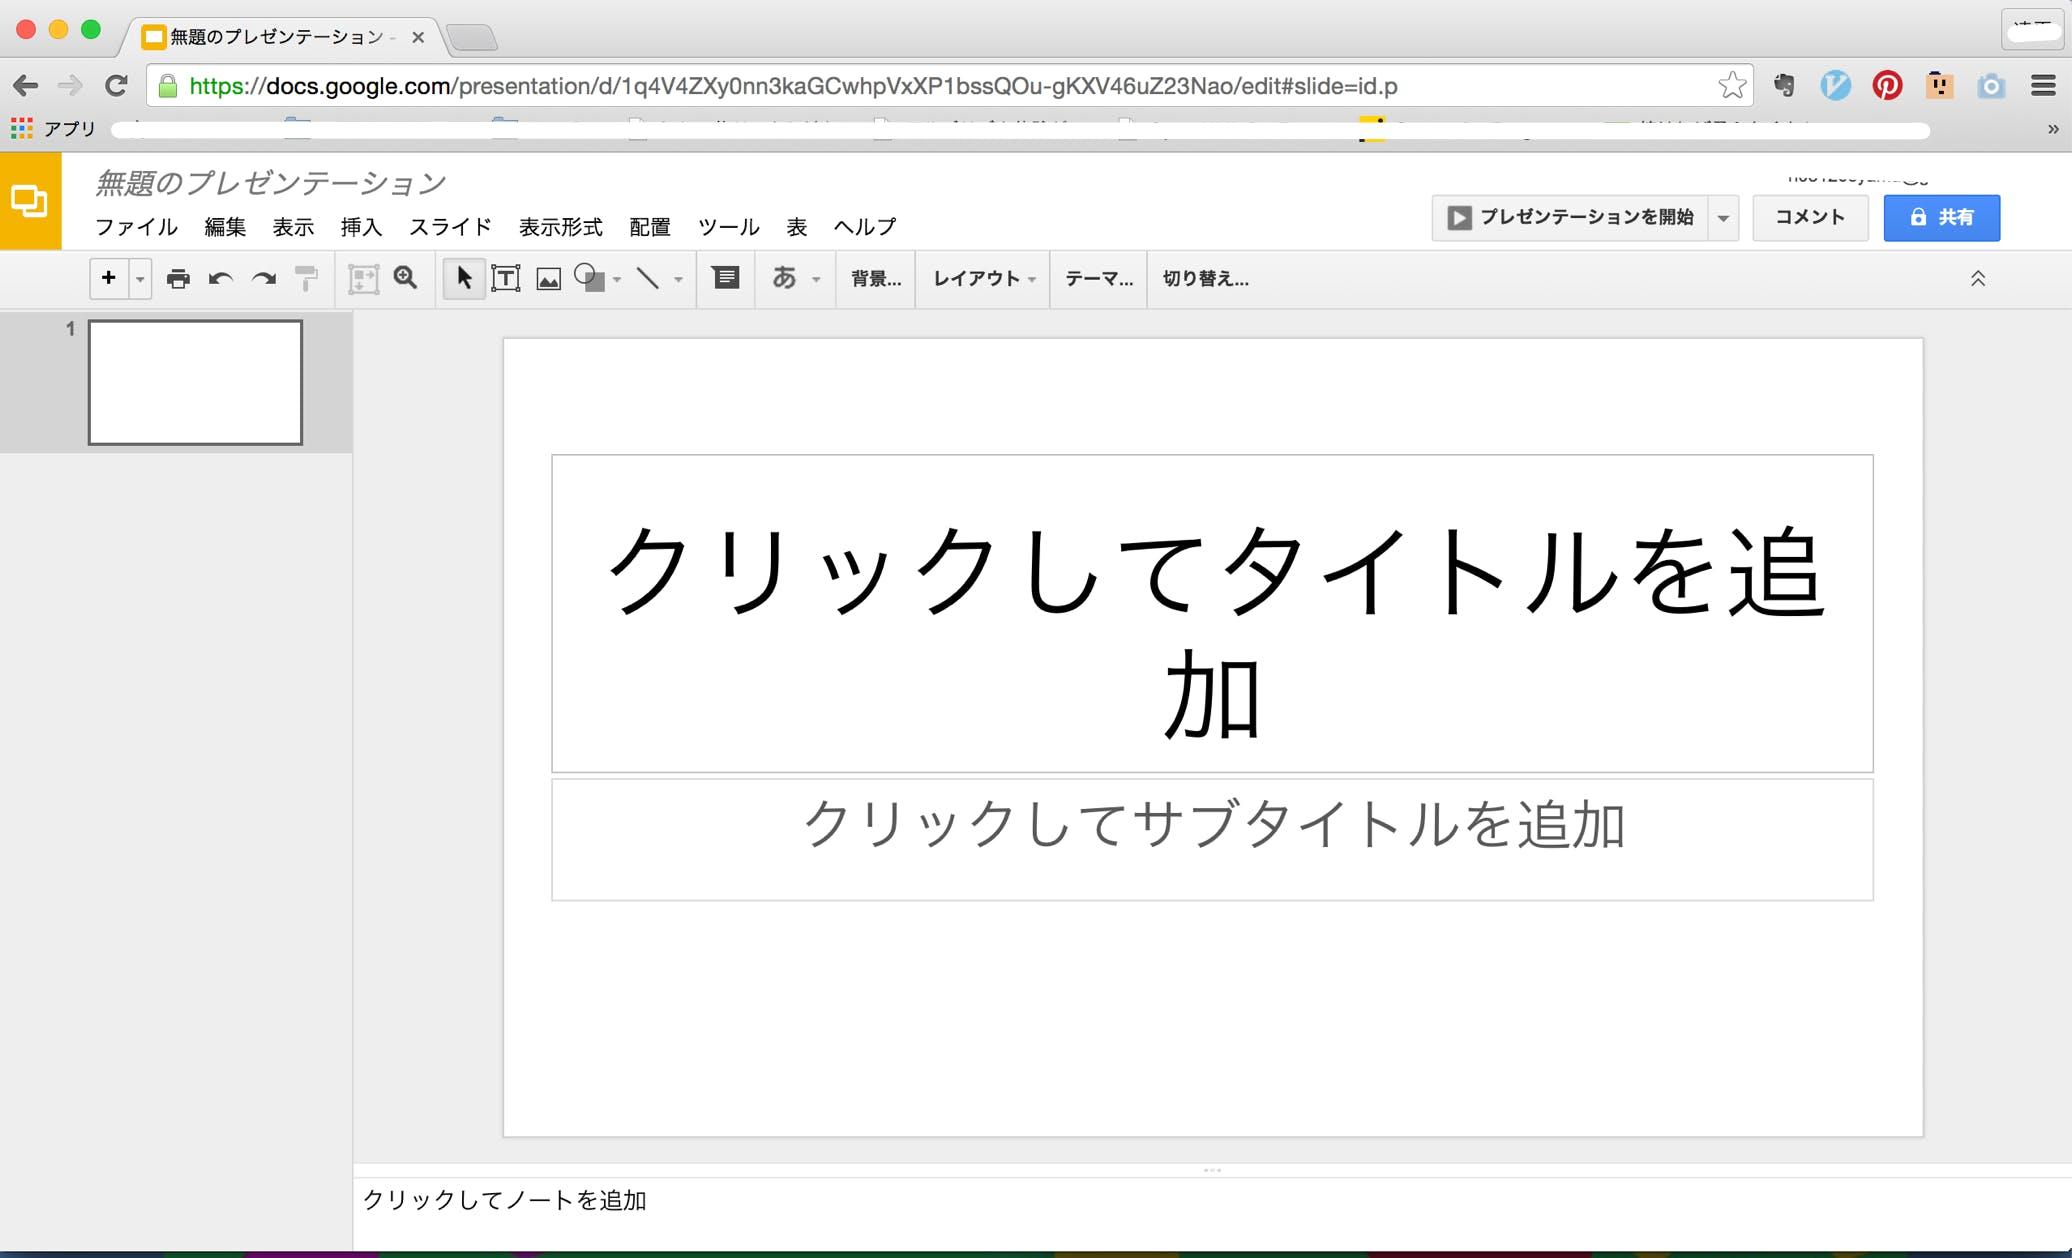 無題のプレゼンテーション - Google スライド-2.png